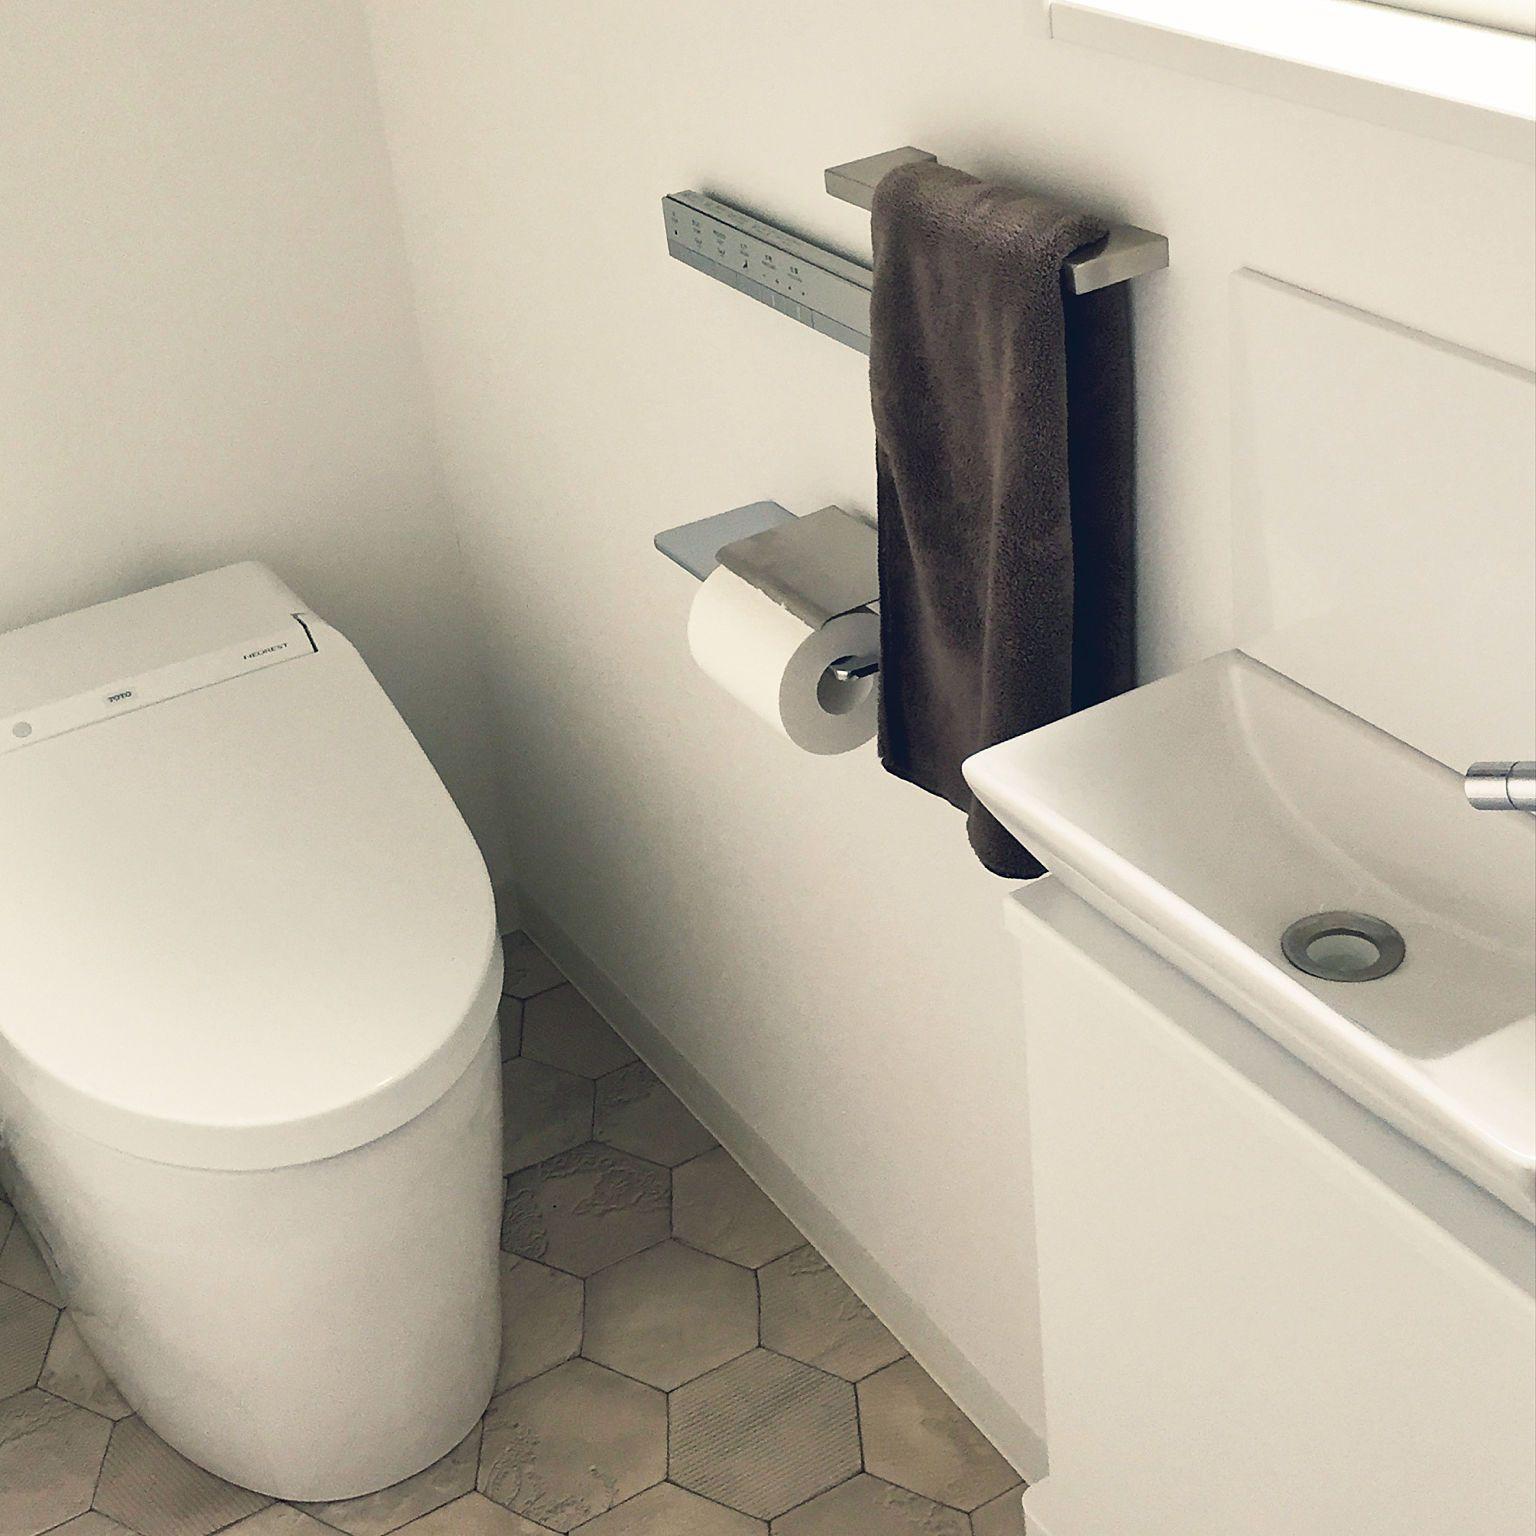 バス トイレ Totoトイレ スティックリモコン カワジュン 手洗い器 などのインテリア実例 2018 11 17 02 17 49 Roomclip ルームクリップ カワジュン トイレのデザイン 手洗い器